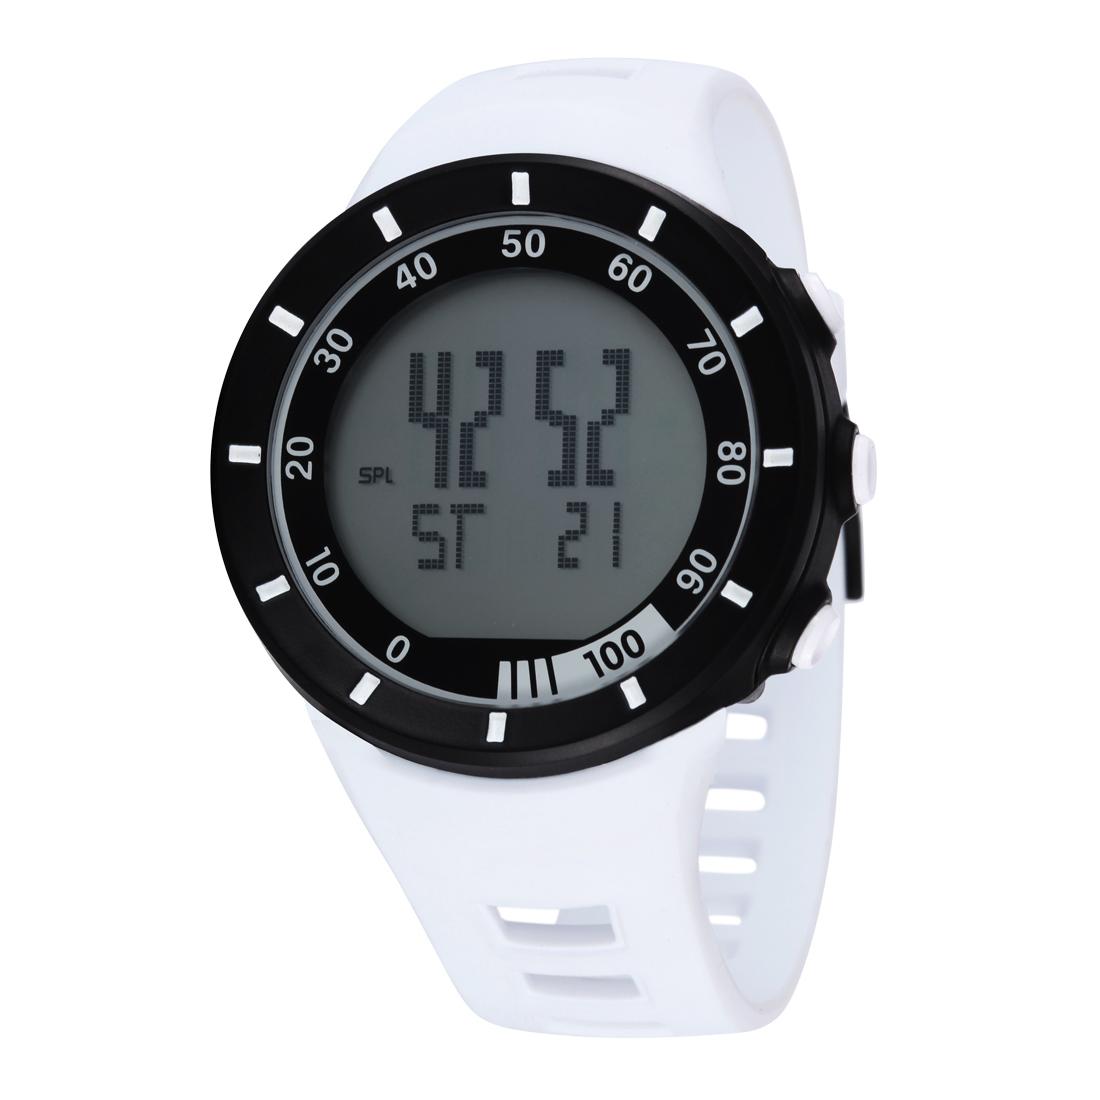 ساعت مچی دیجیتال مردانه گراویتی مدل VG9011